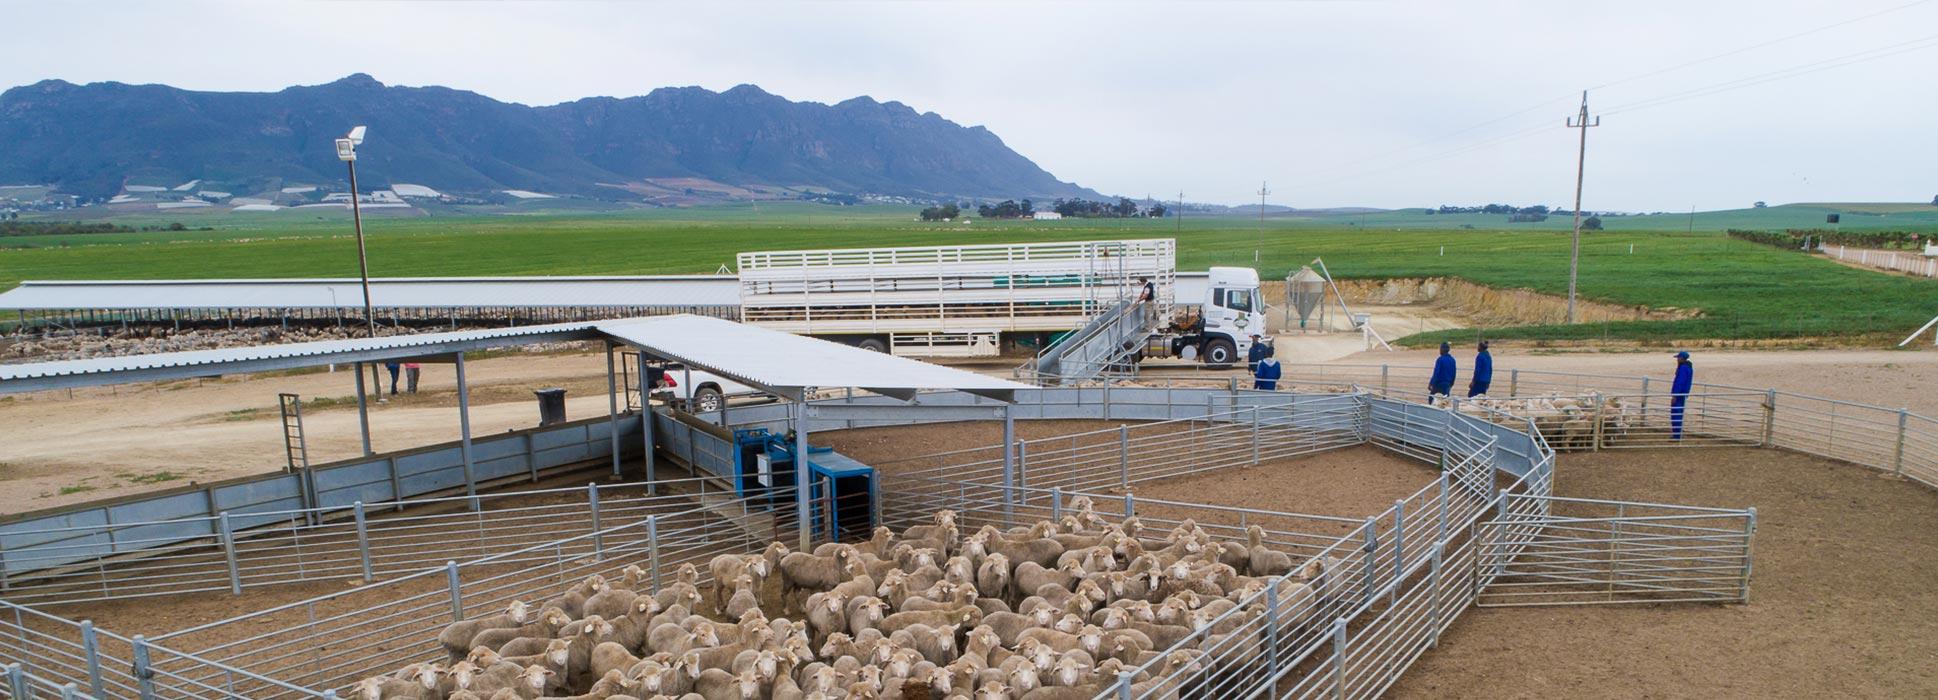 Deli-Co lamb feeding facility